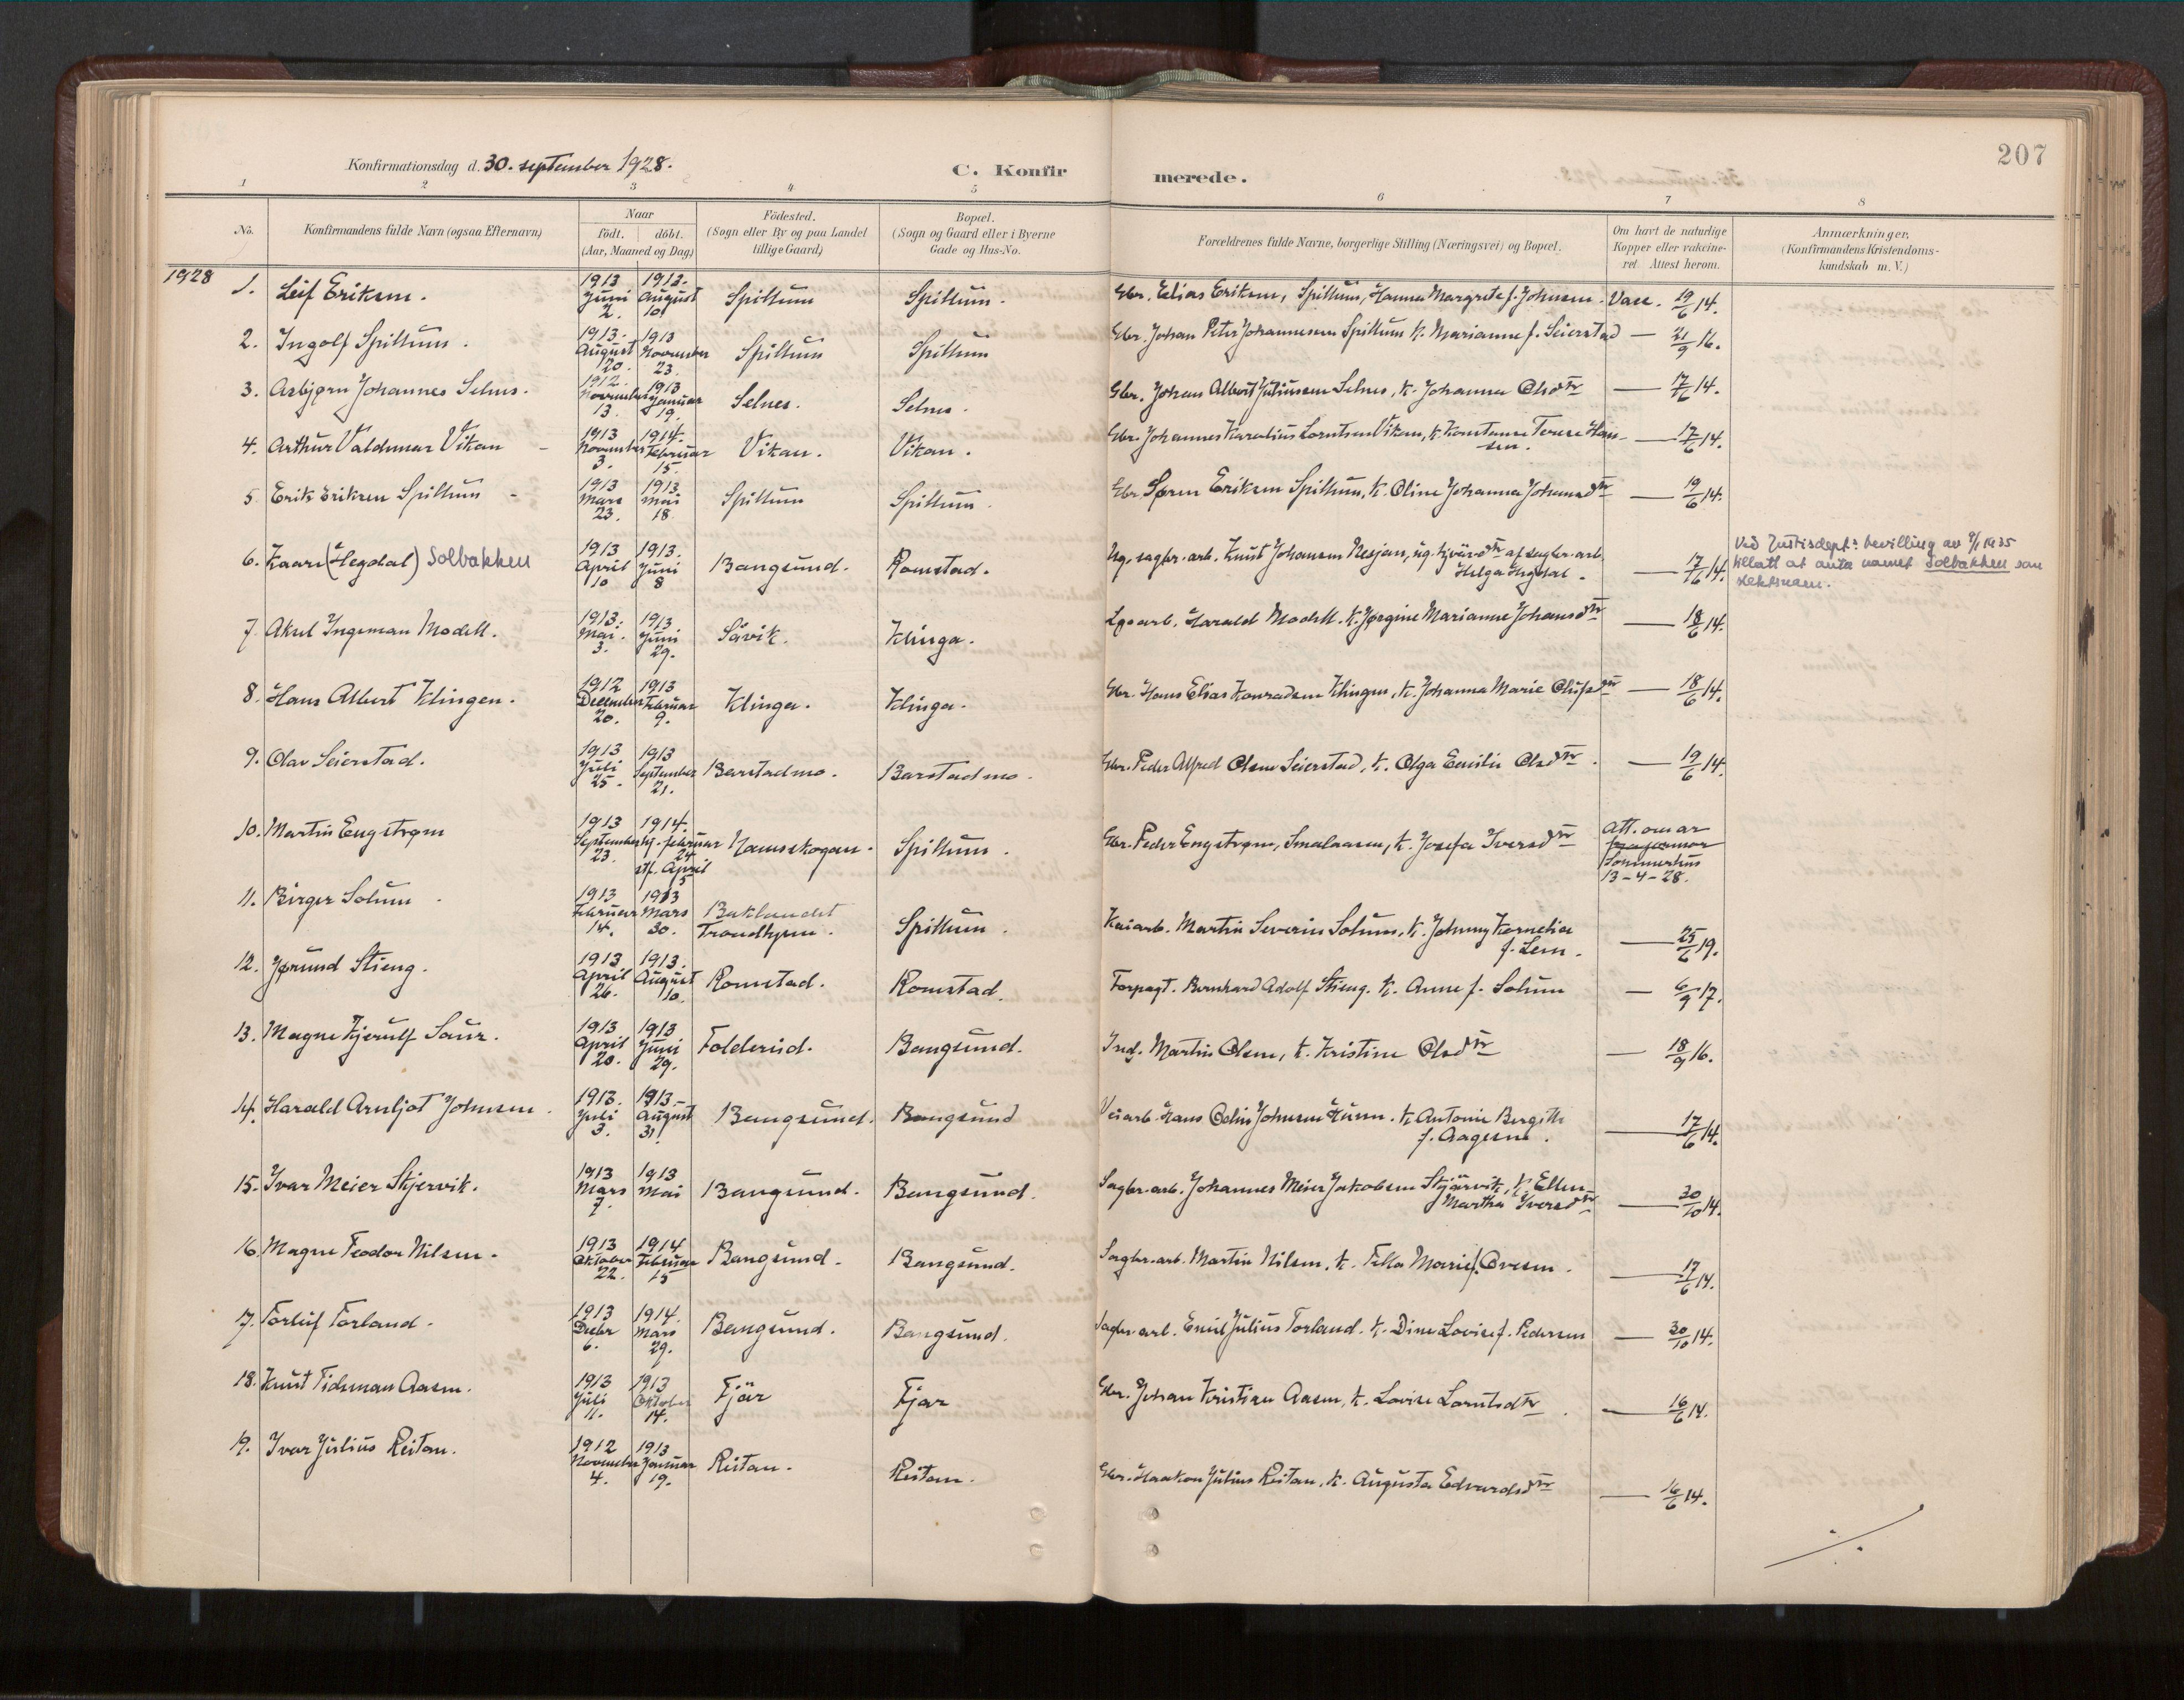 SAT, Ministerialprotokoller, klokkerbøker og fødselsregistre - Nord-Trøndelag, 770/L0589: Ministerialbok nr. 770A03, 1887-1929, s. 207